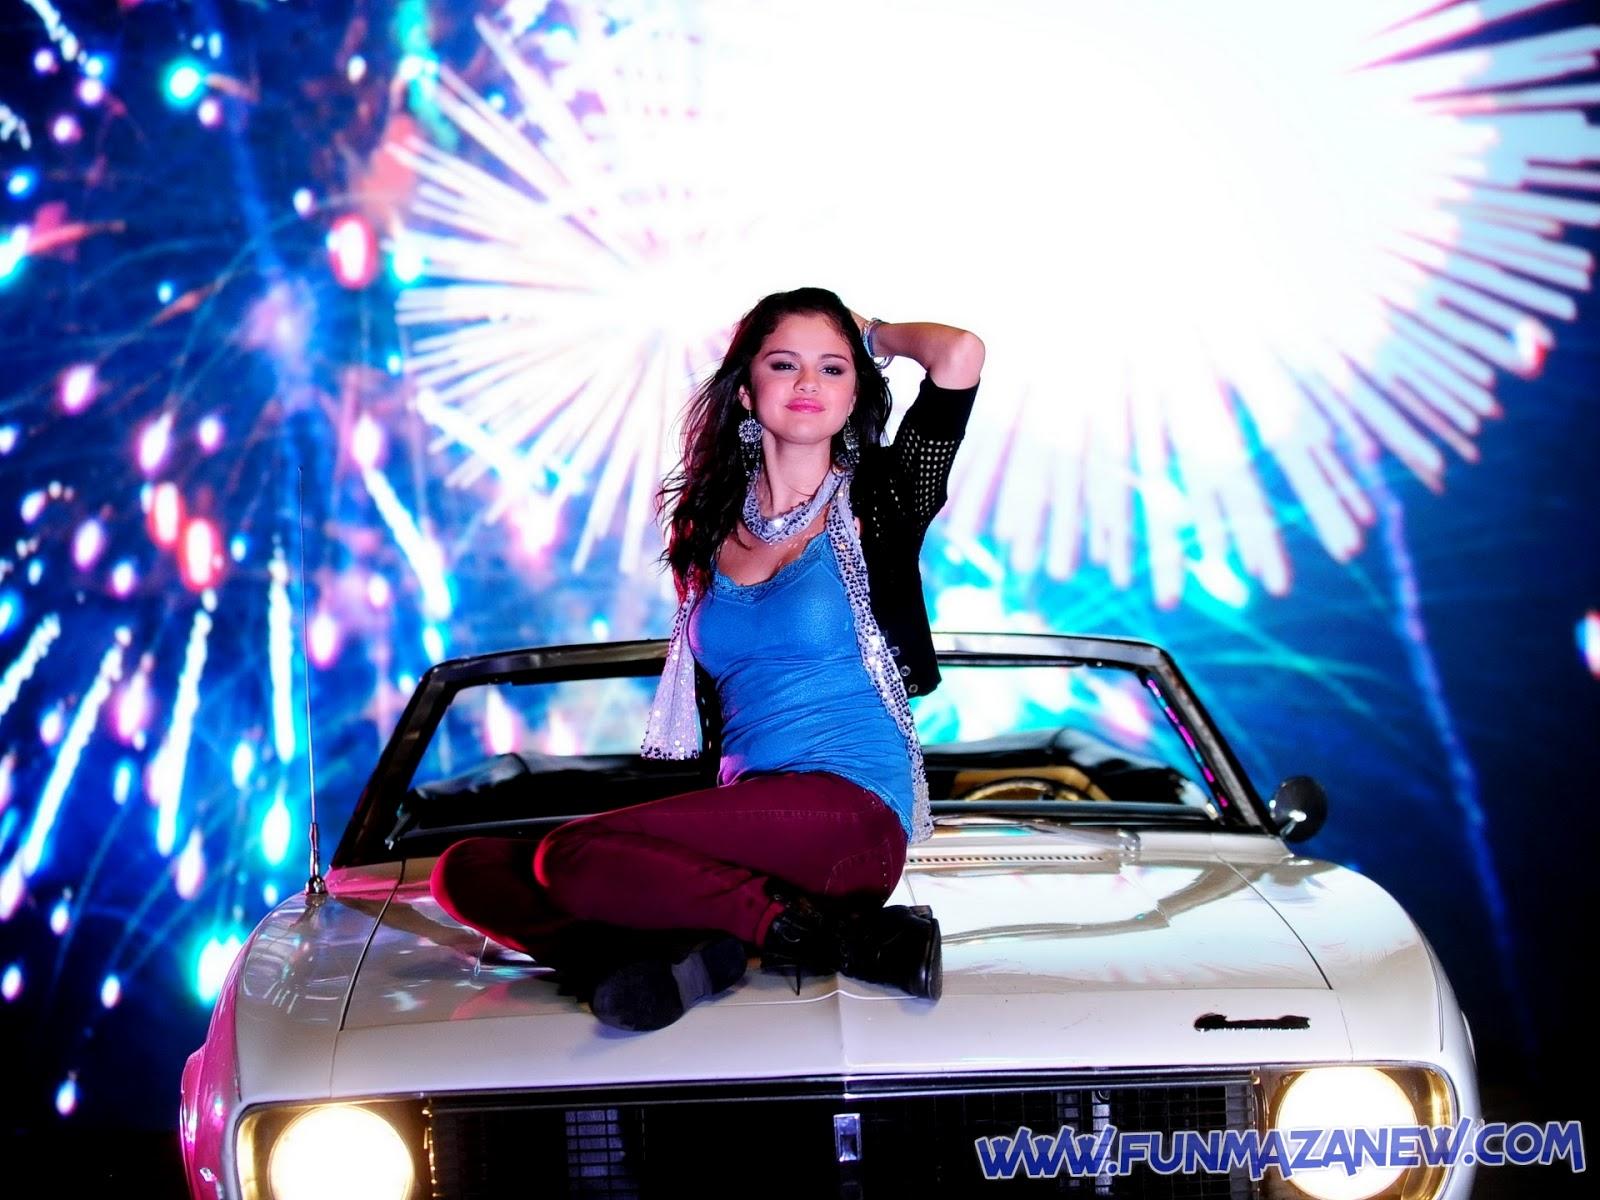 http://1.bp.blogspot.com/-jxHY-YUe6fU/UYpYw2s8ByI/AAAAAAAAAzs/FNPuFaA34hM/s1600/selena-gomez-221737+www.funmazanew.com.jpg